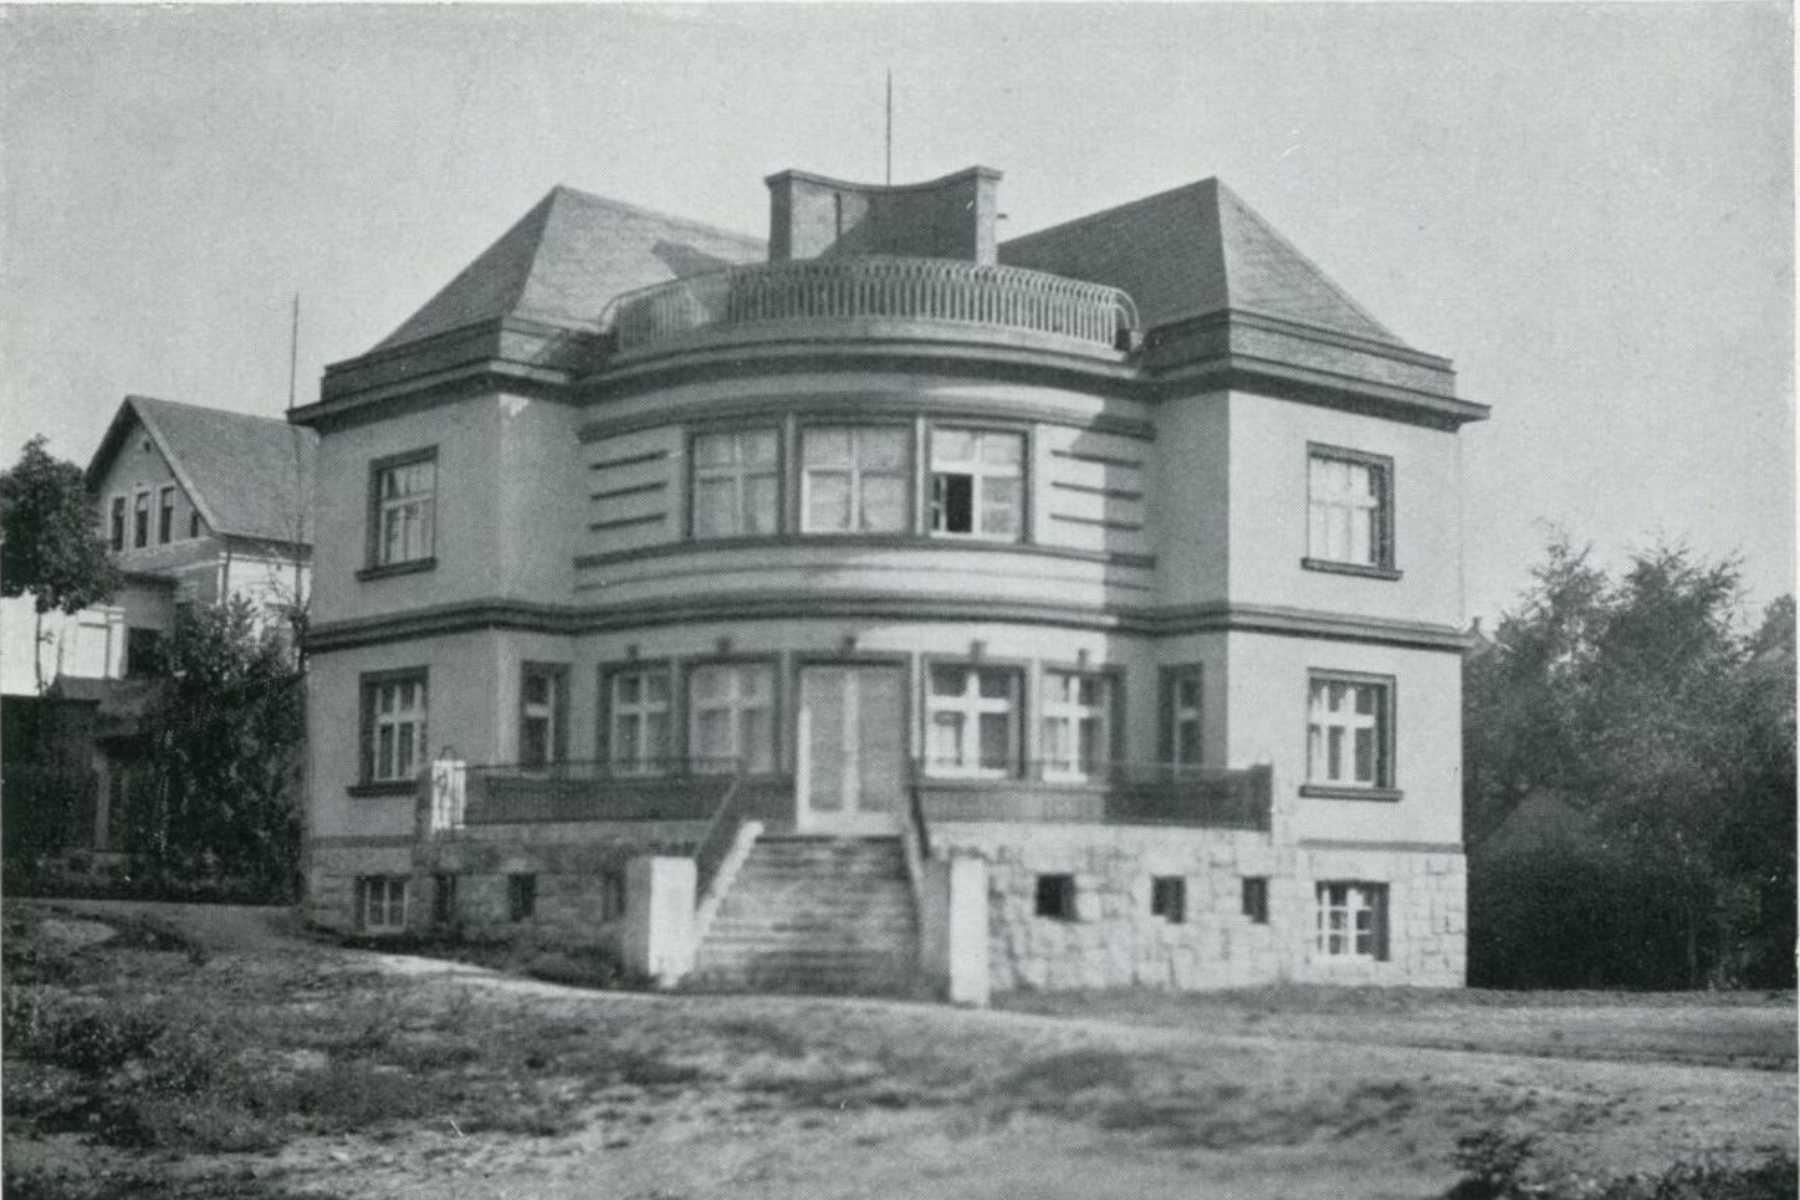 Schneiderova vila z roku 1930 na rohu ulic Zlatá a V Luzích v Jablonci nad Nisou - historické foto